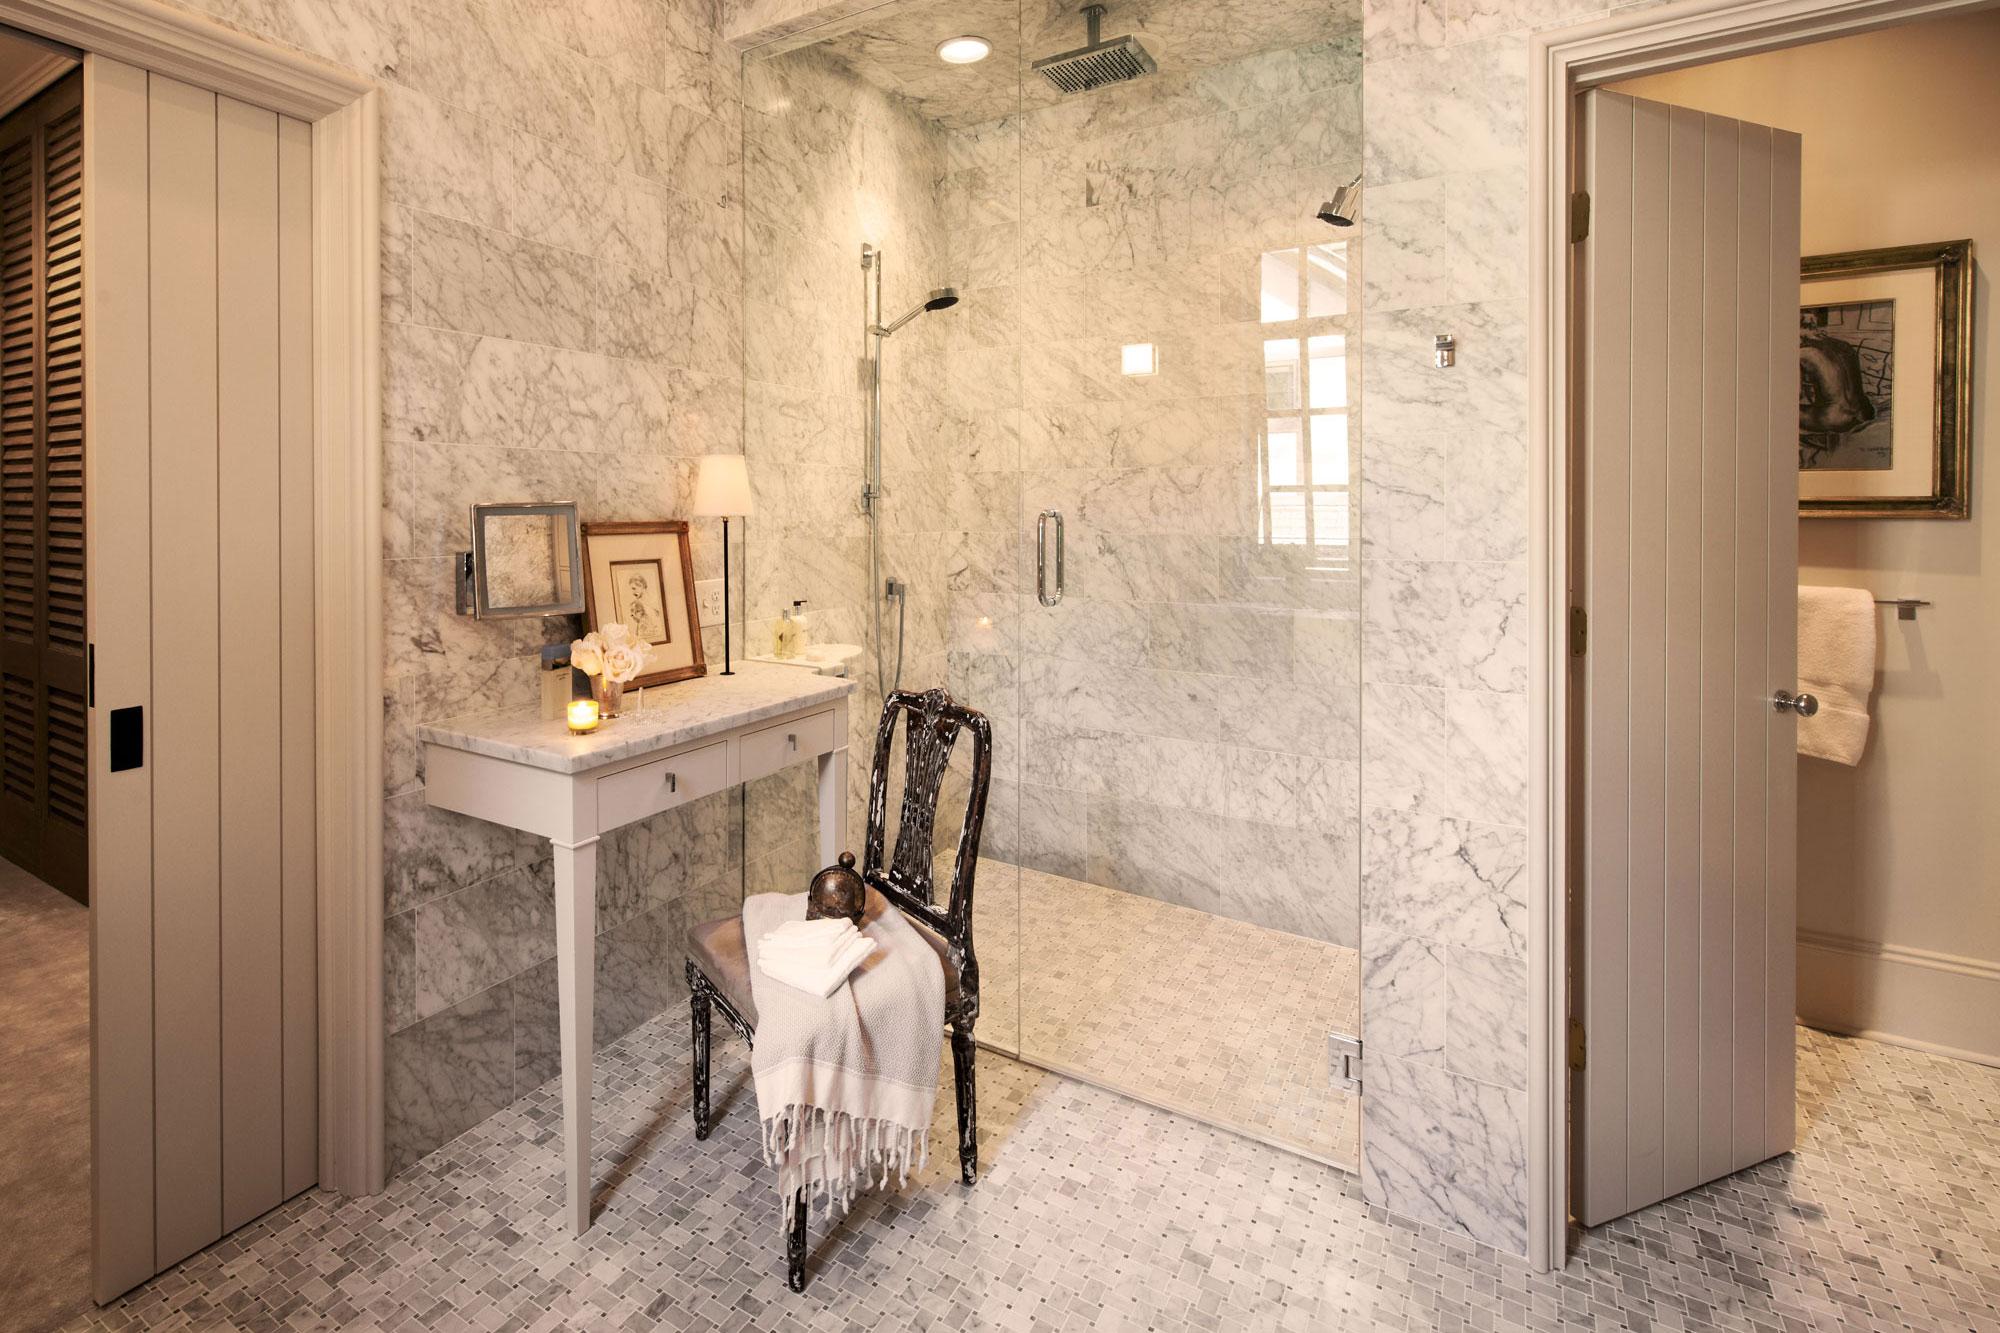 Elegant marble bath remodel shines remodeling awards for Bathroom design awards 2013